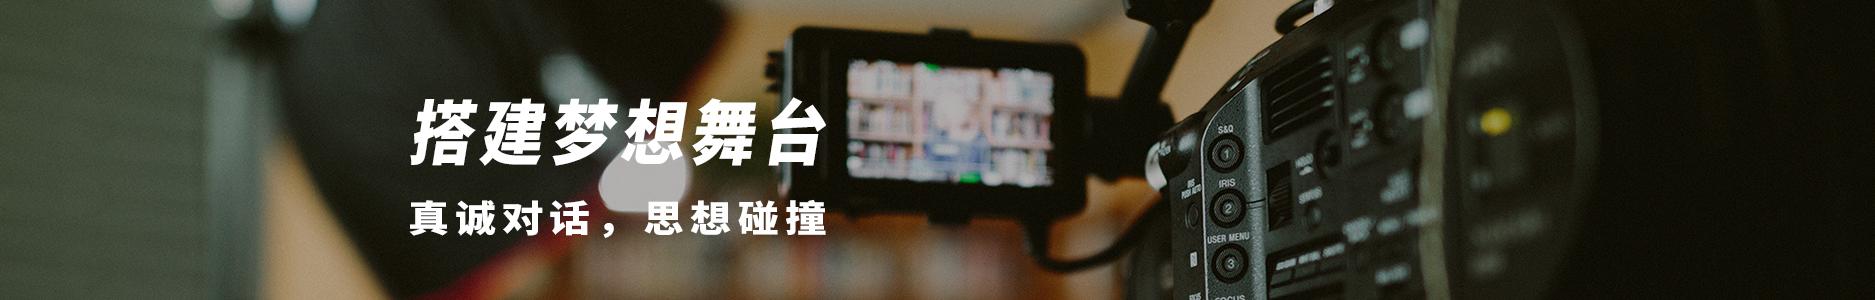 崛起中国视频库 banner